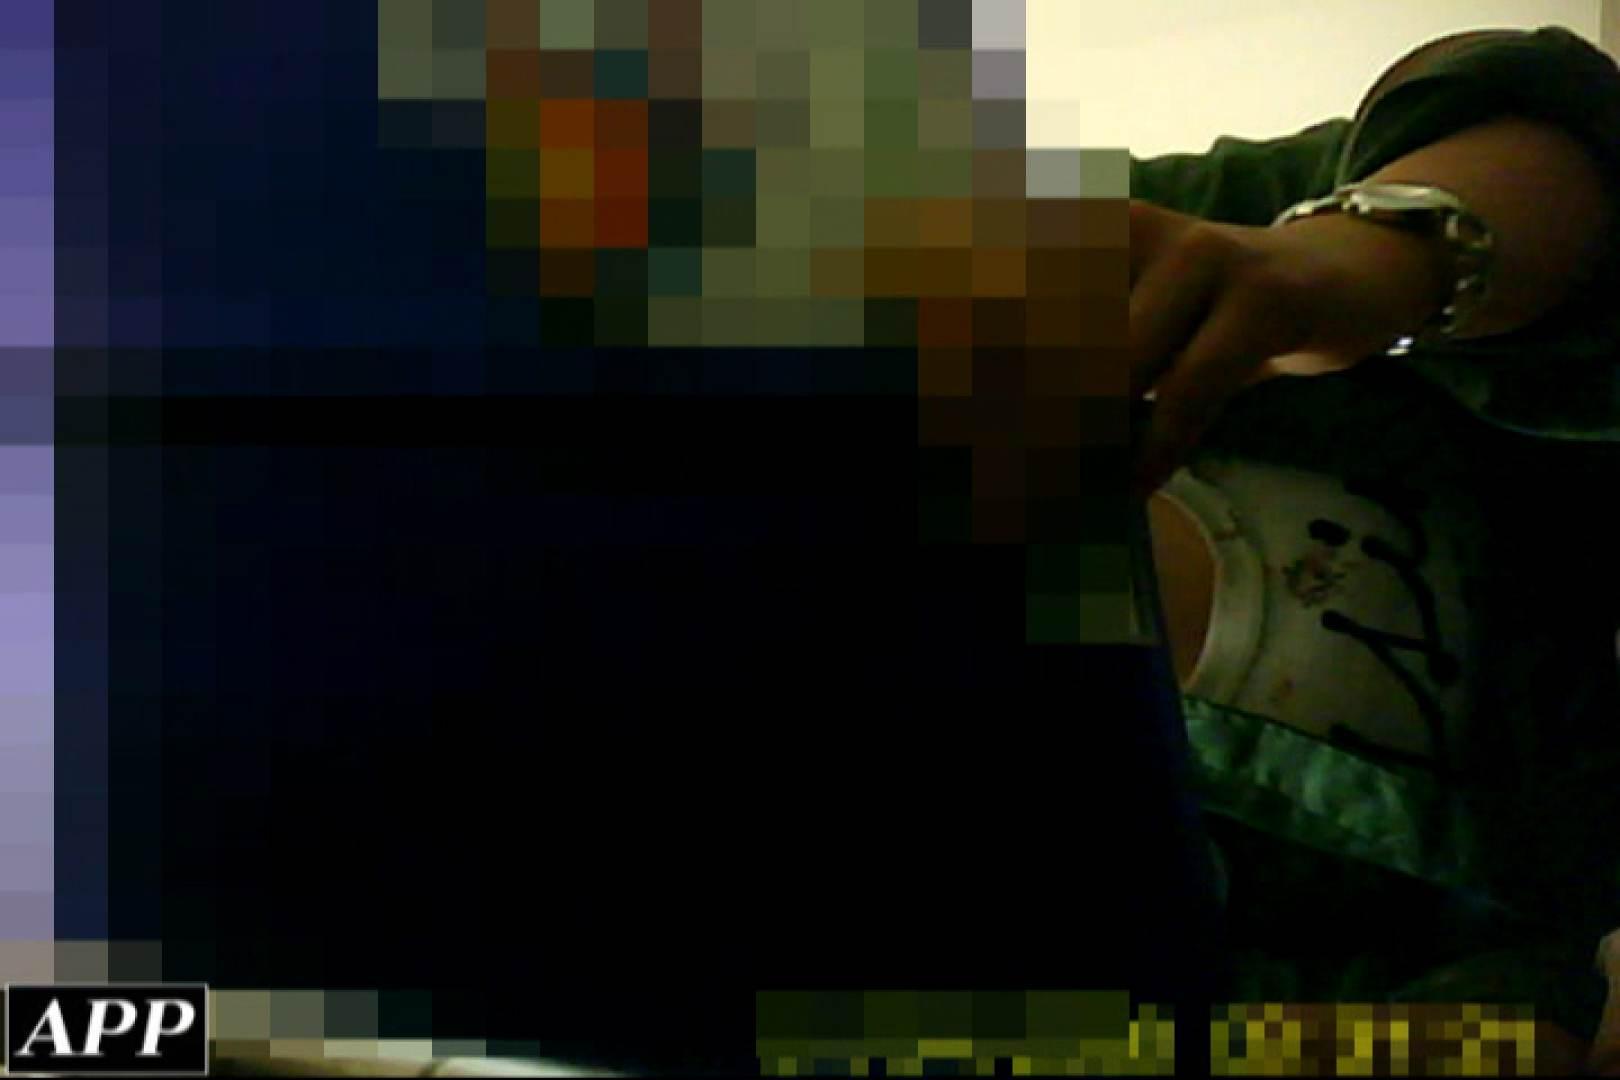 3視点洗面所 vol.118 洗面所のぞき オメコ無修正動画無料 94枚 67